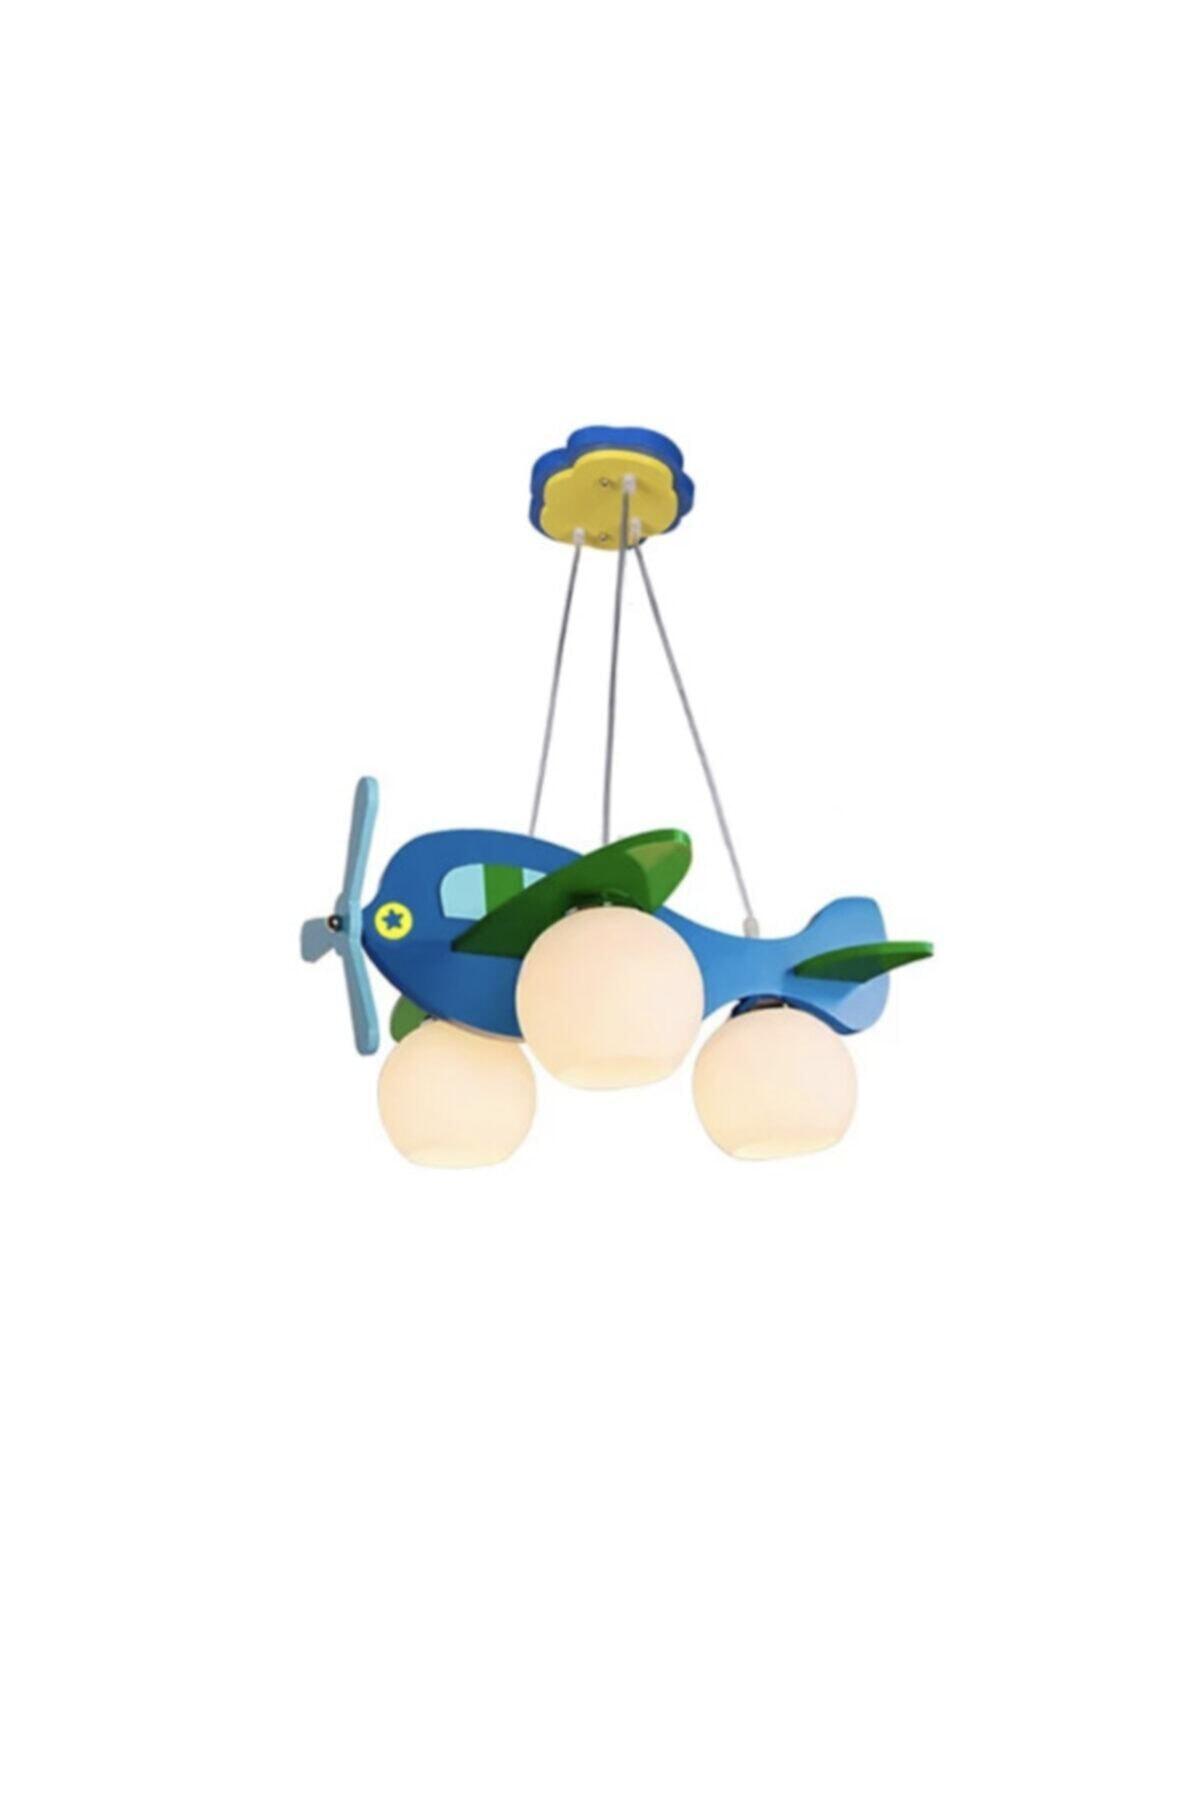 ışıksan aydınlatma Çocuk Odası Avize Helikopter Sarkıt Üçlü Mavi Yeşil 2